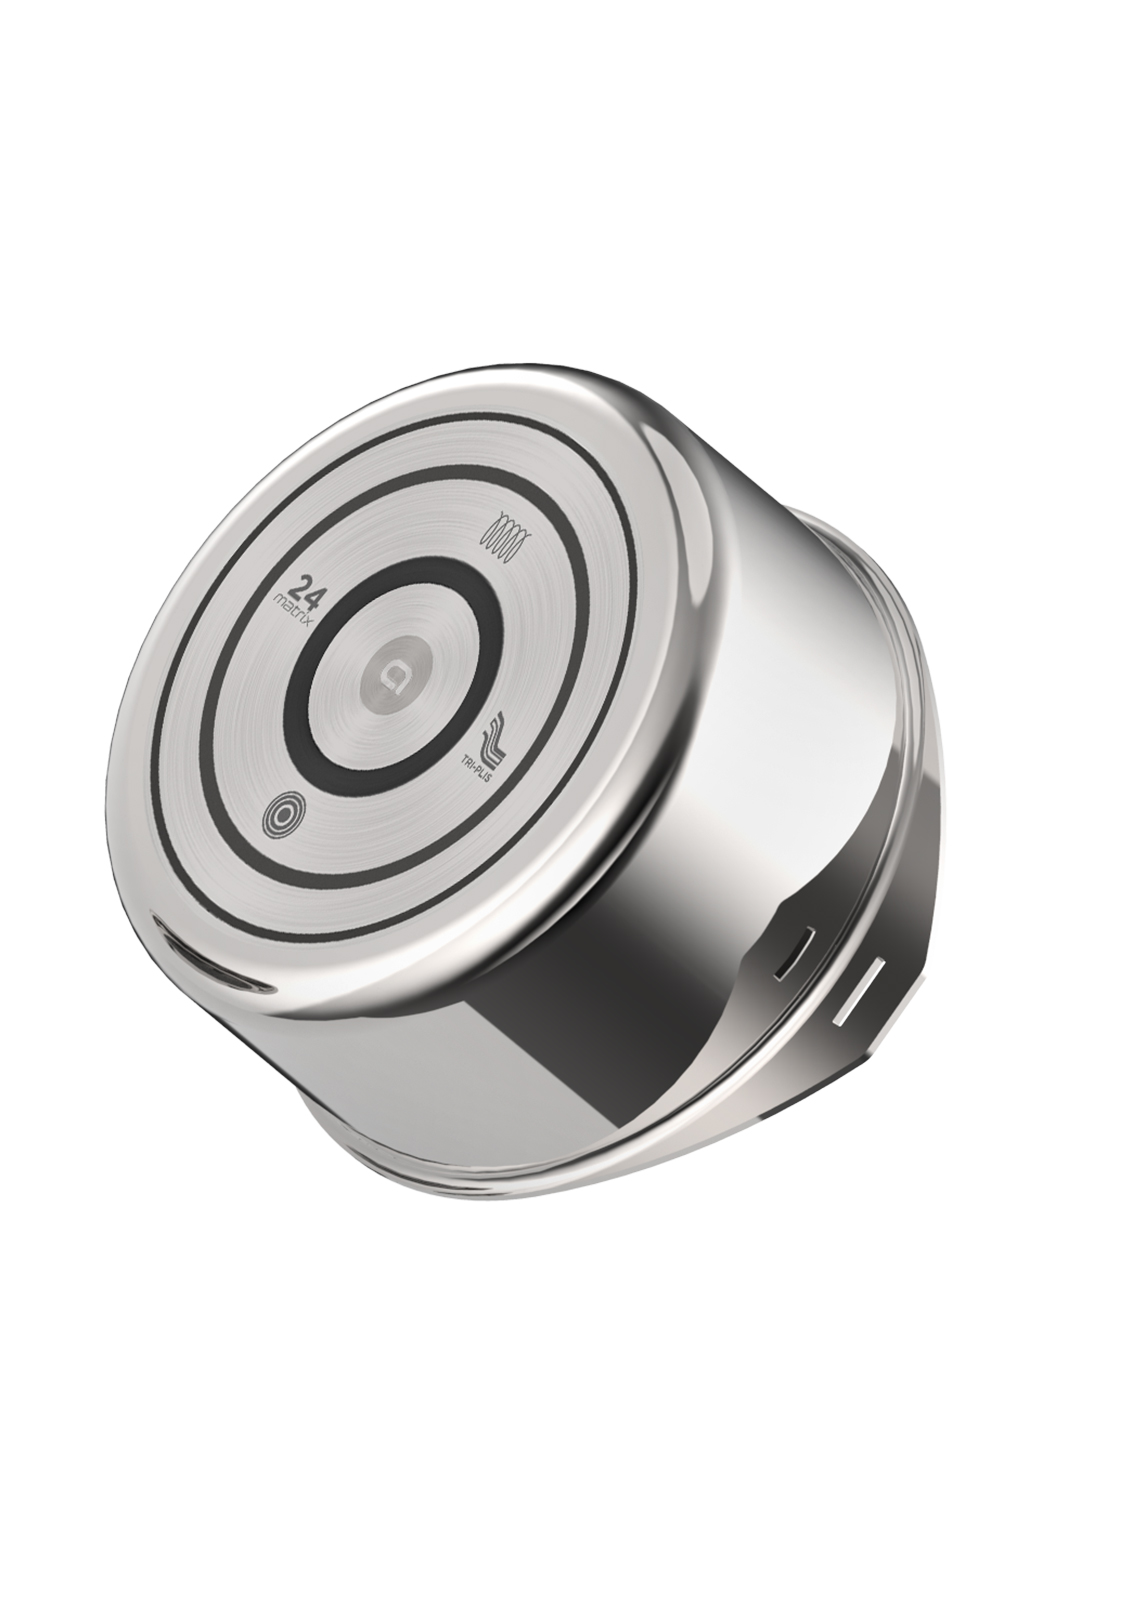 FOND bimatière SPIRAL® - Fond concentrique bimatière inox/aluminium unique sur le marché. Ce fond distribue uniformément la chaleur et est compatible sur tous les types de cuisson, y compris l'induction, économe en énergie.• Temps de cuisson réduits : les vitamines des aliments sont mieux préservées• Une excellente répartition de la chaleur• Économe en énergie : performant sur tous les feux, y compris induction